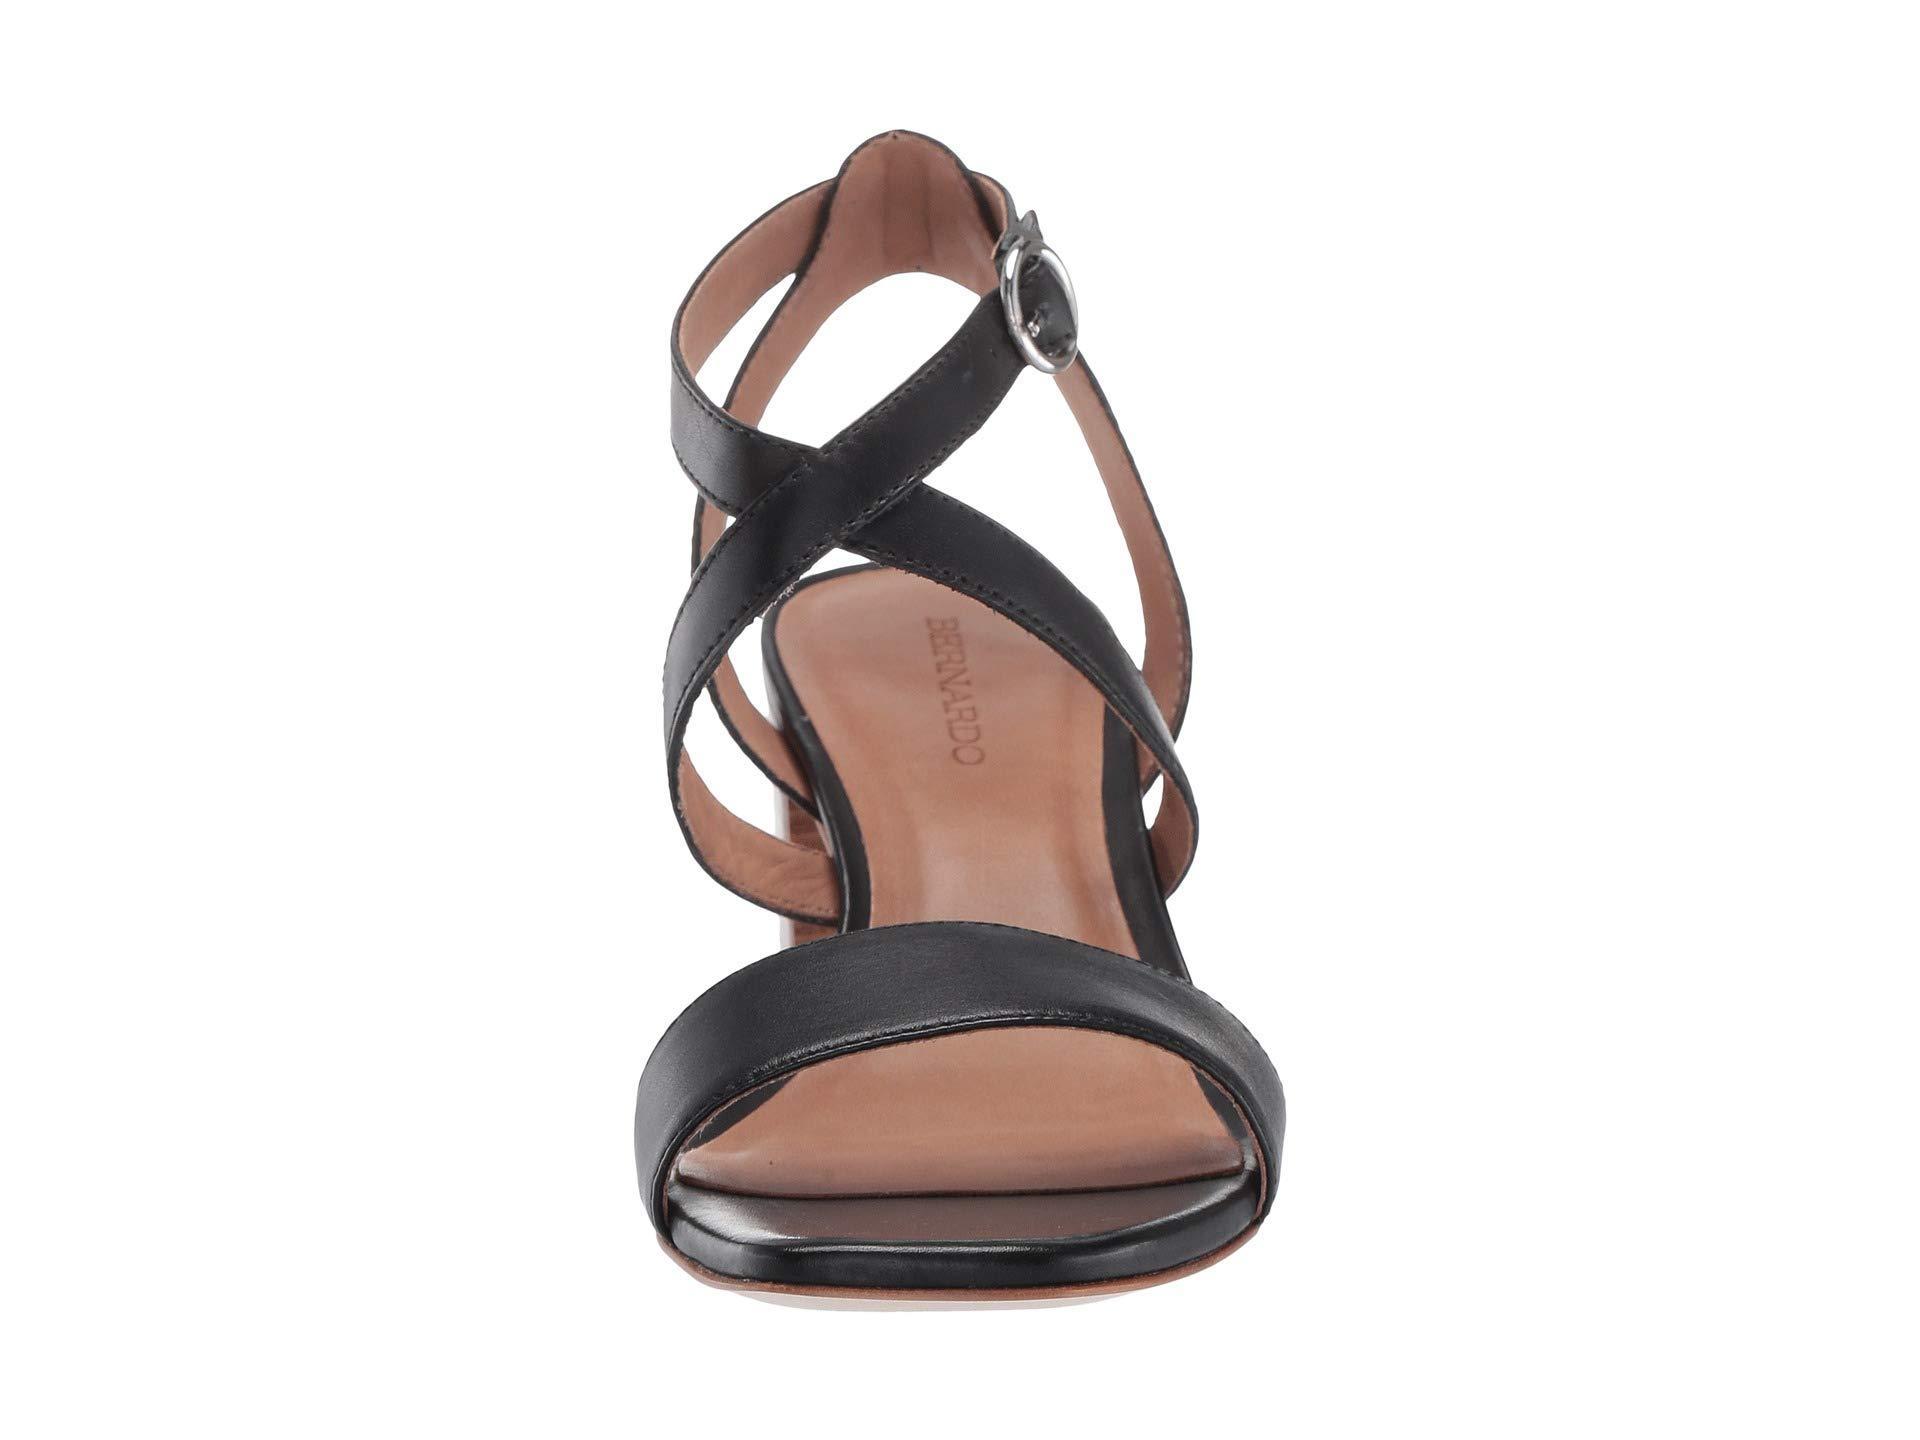 08a31ca2156 Bernardo - Brielle Heeled Sandal (black Antique Calf) Women s Sandals -  Lyst. View fullscreen